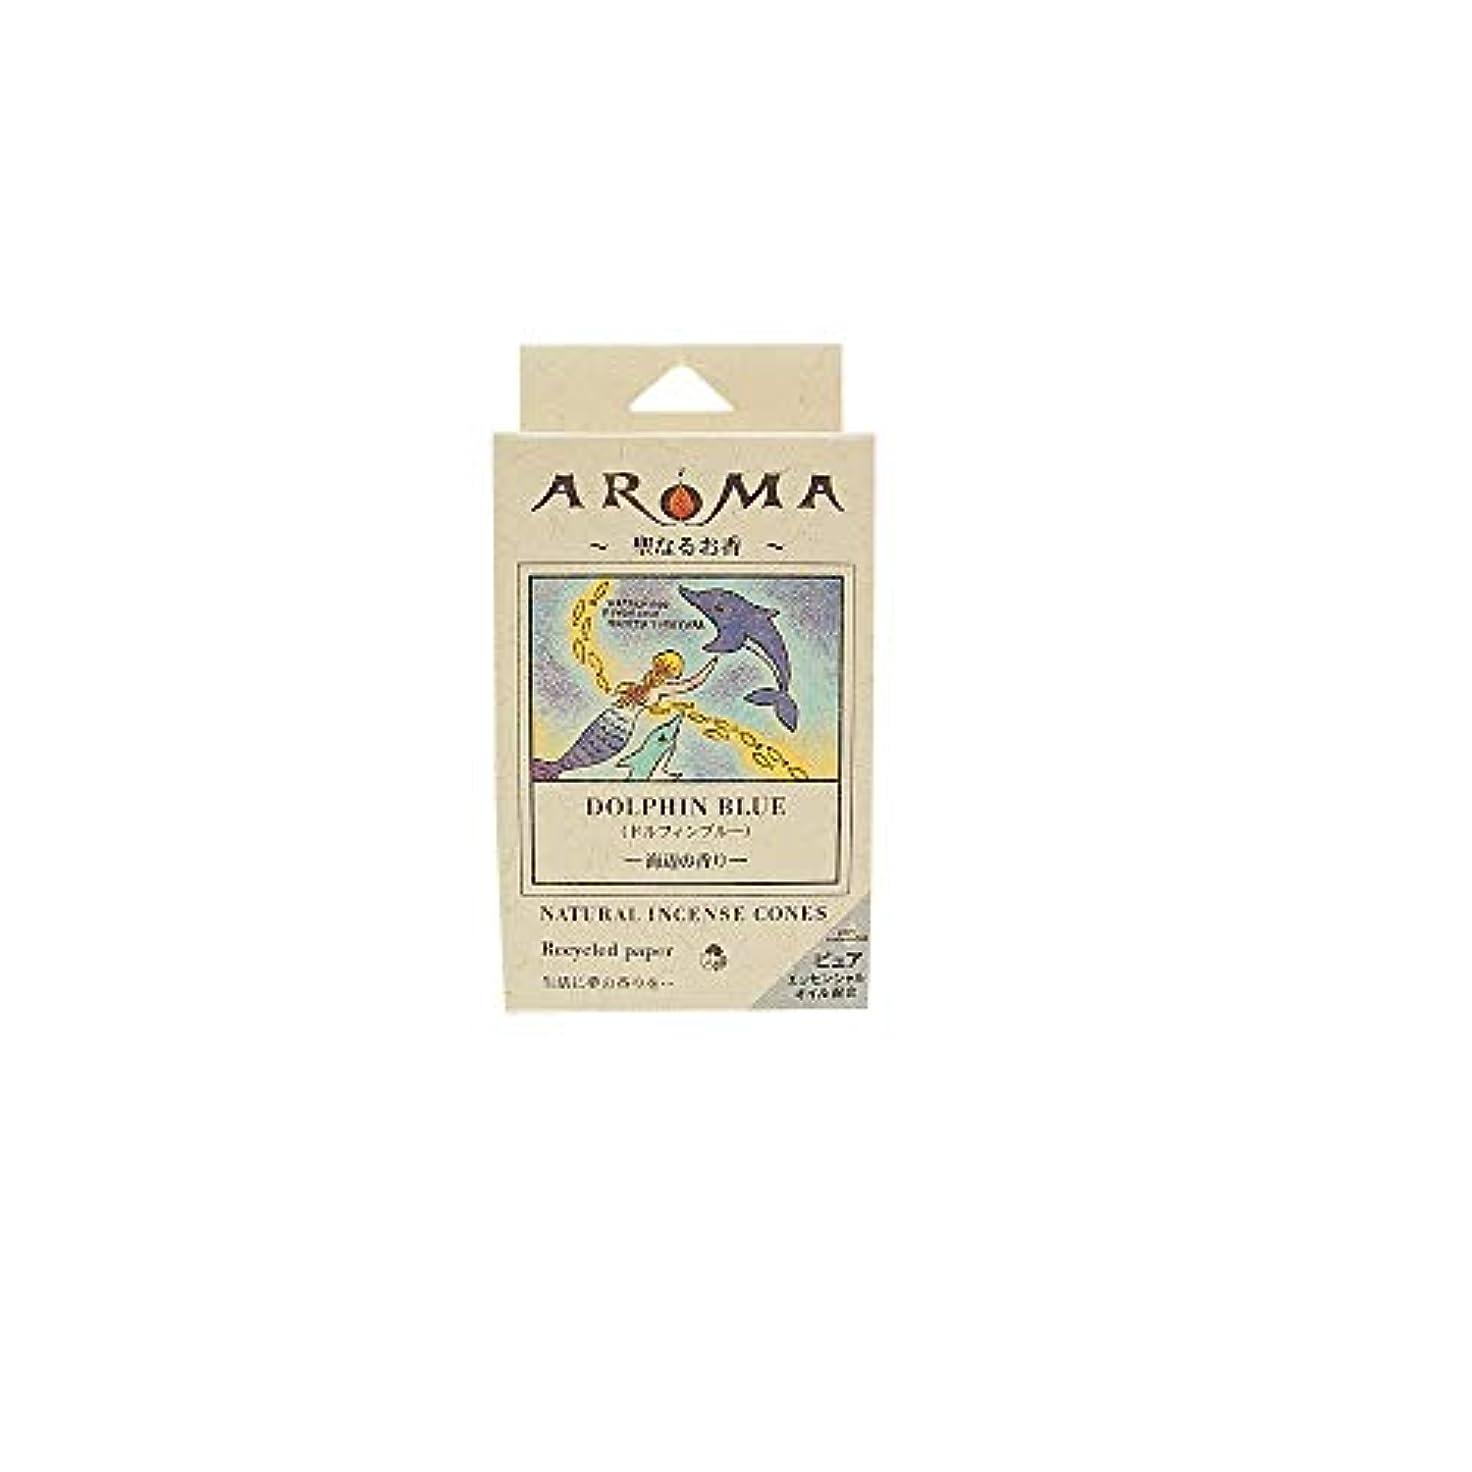 異なるうん通訳アロマ香 ドルフィンブルー 16粒(コーンタイプインセンス 1粒の燃焼時間約20分 海辺の香り)